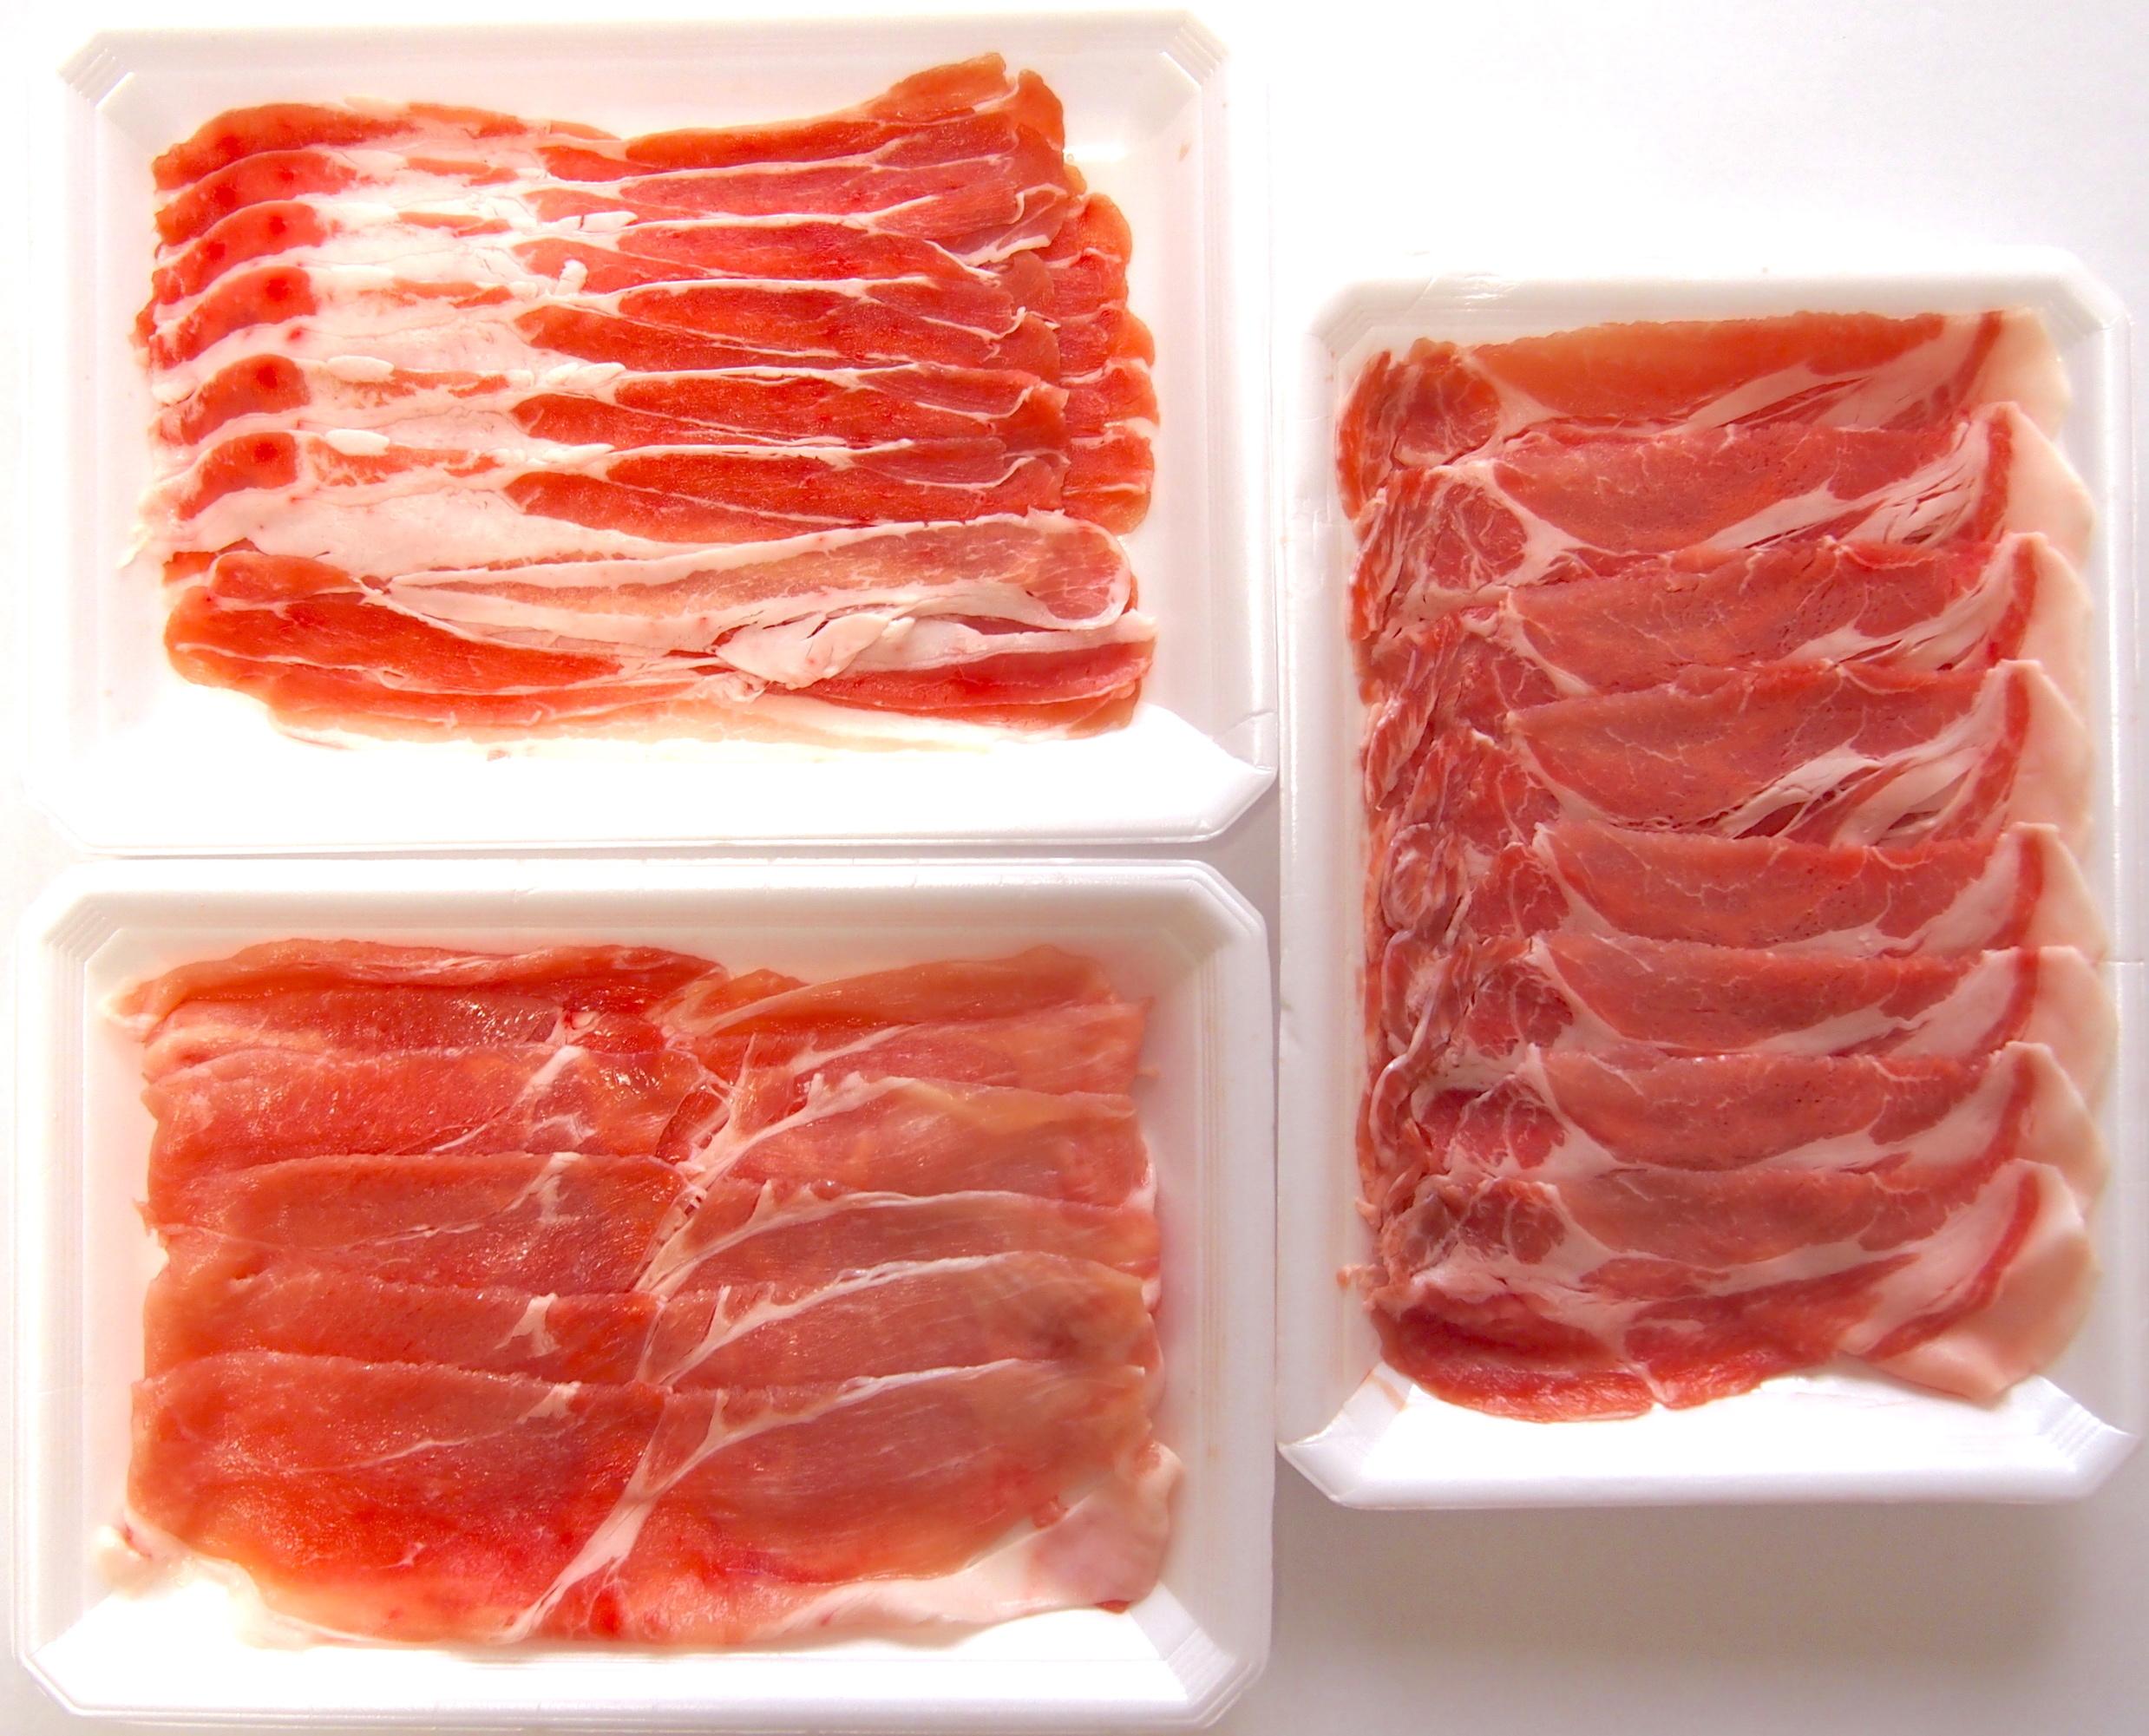 ぴりか豚 しゃぶしゃぶ 人気3部位食べ比べセット【3〜4人用】